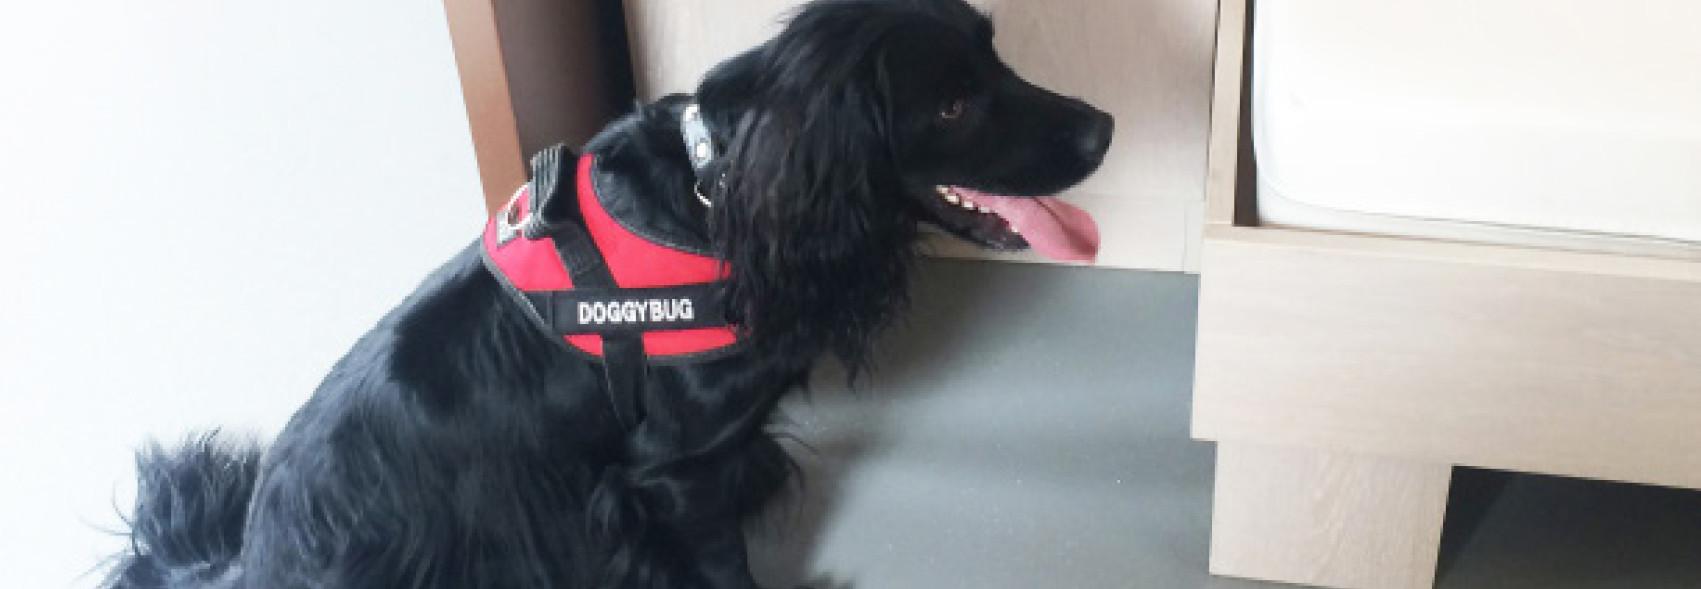 Doggybug Est Une Entreprise Specialisee Dans La Prevention Et La